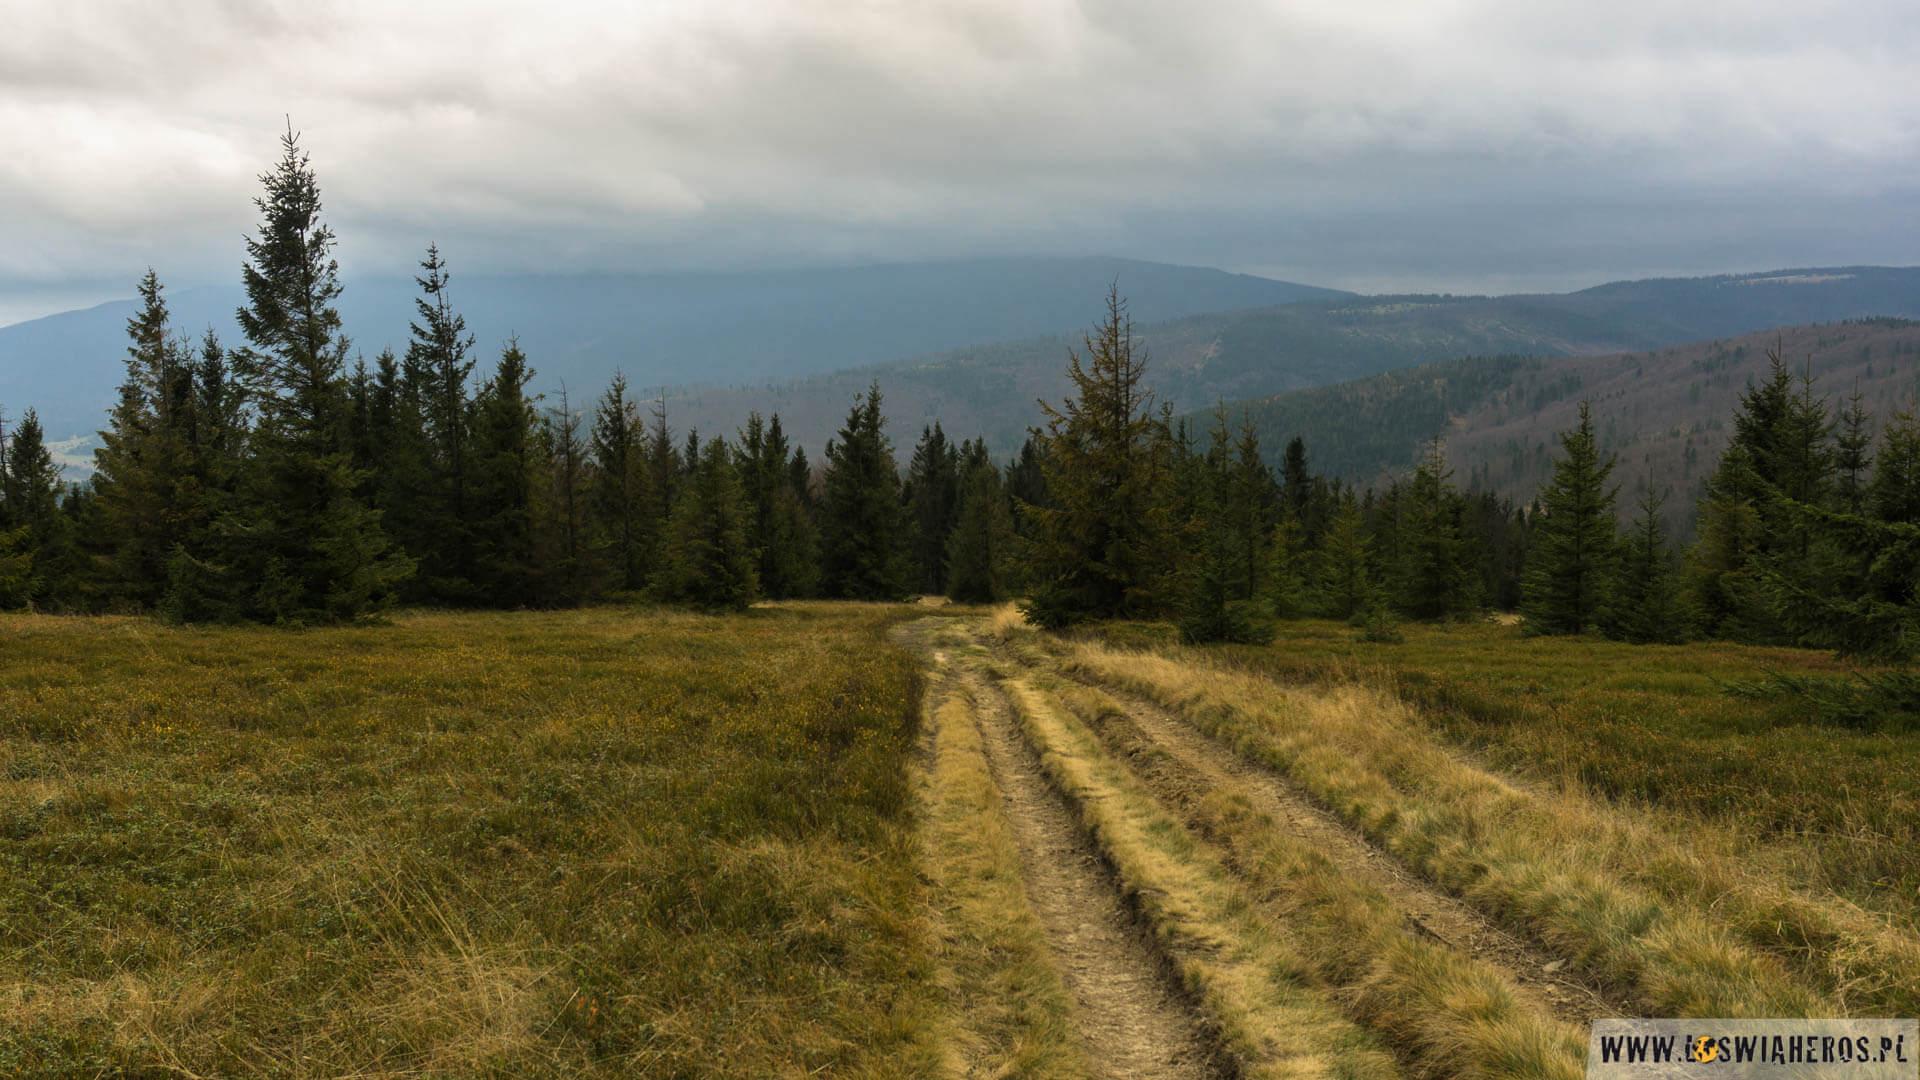 Zjazd wstronę Zawoi iBabiogórskiego Parku Narodowego.